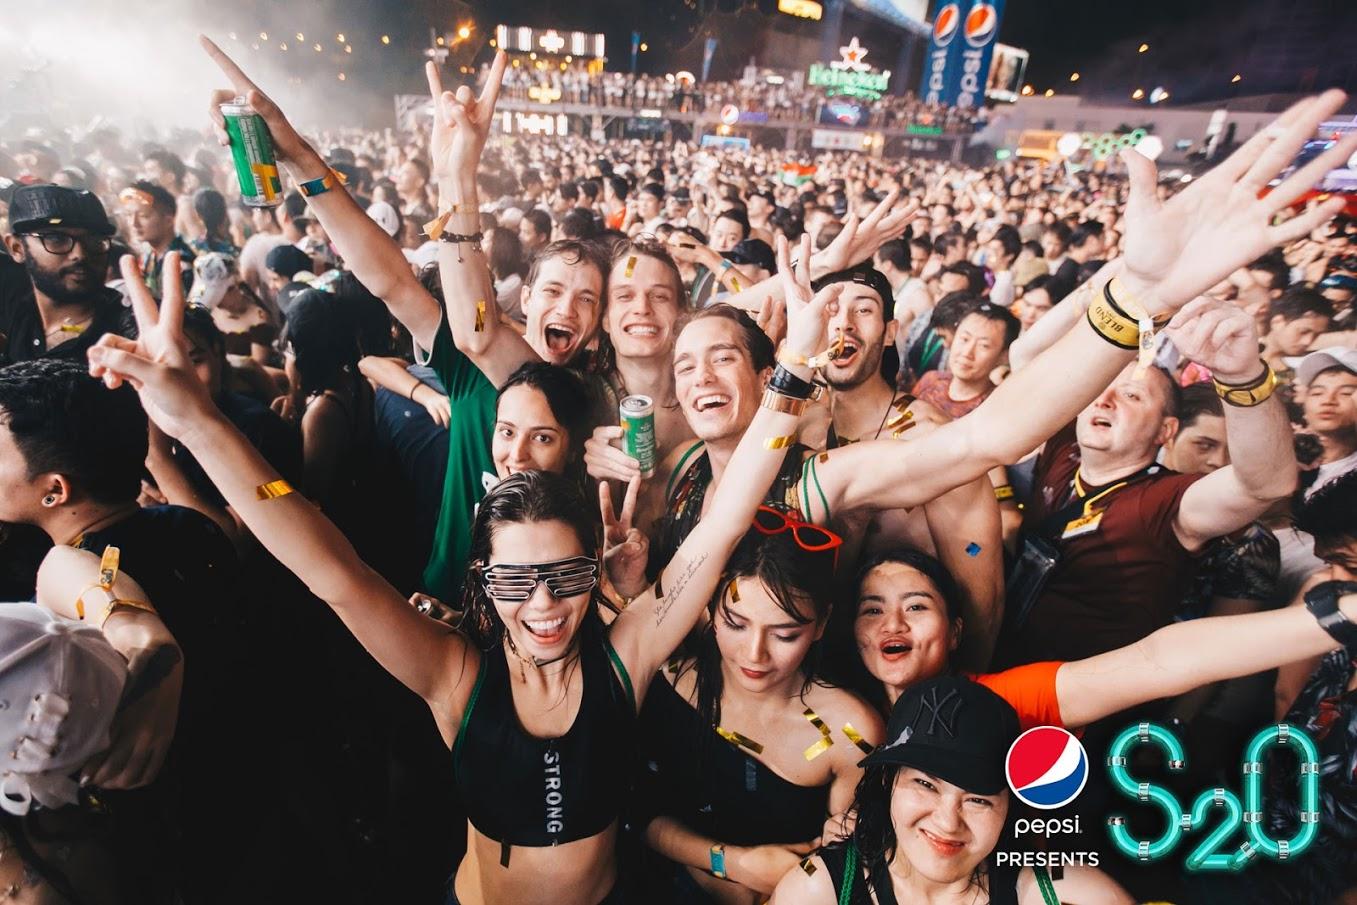 電音迷注意!S2O 台灣潑水音樂節七月登台,和國際 DJ 一起濕身一夏!